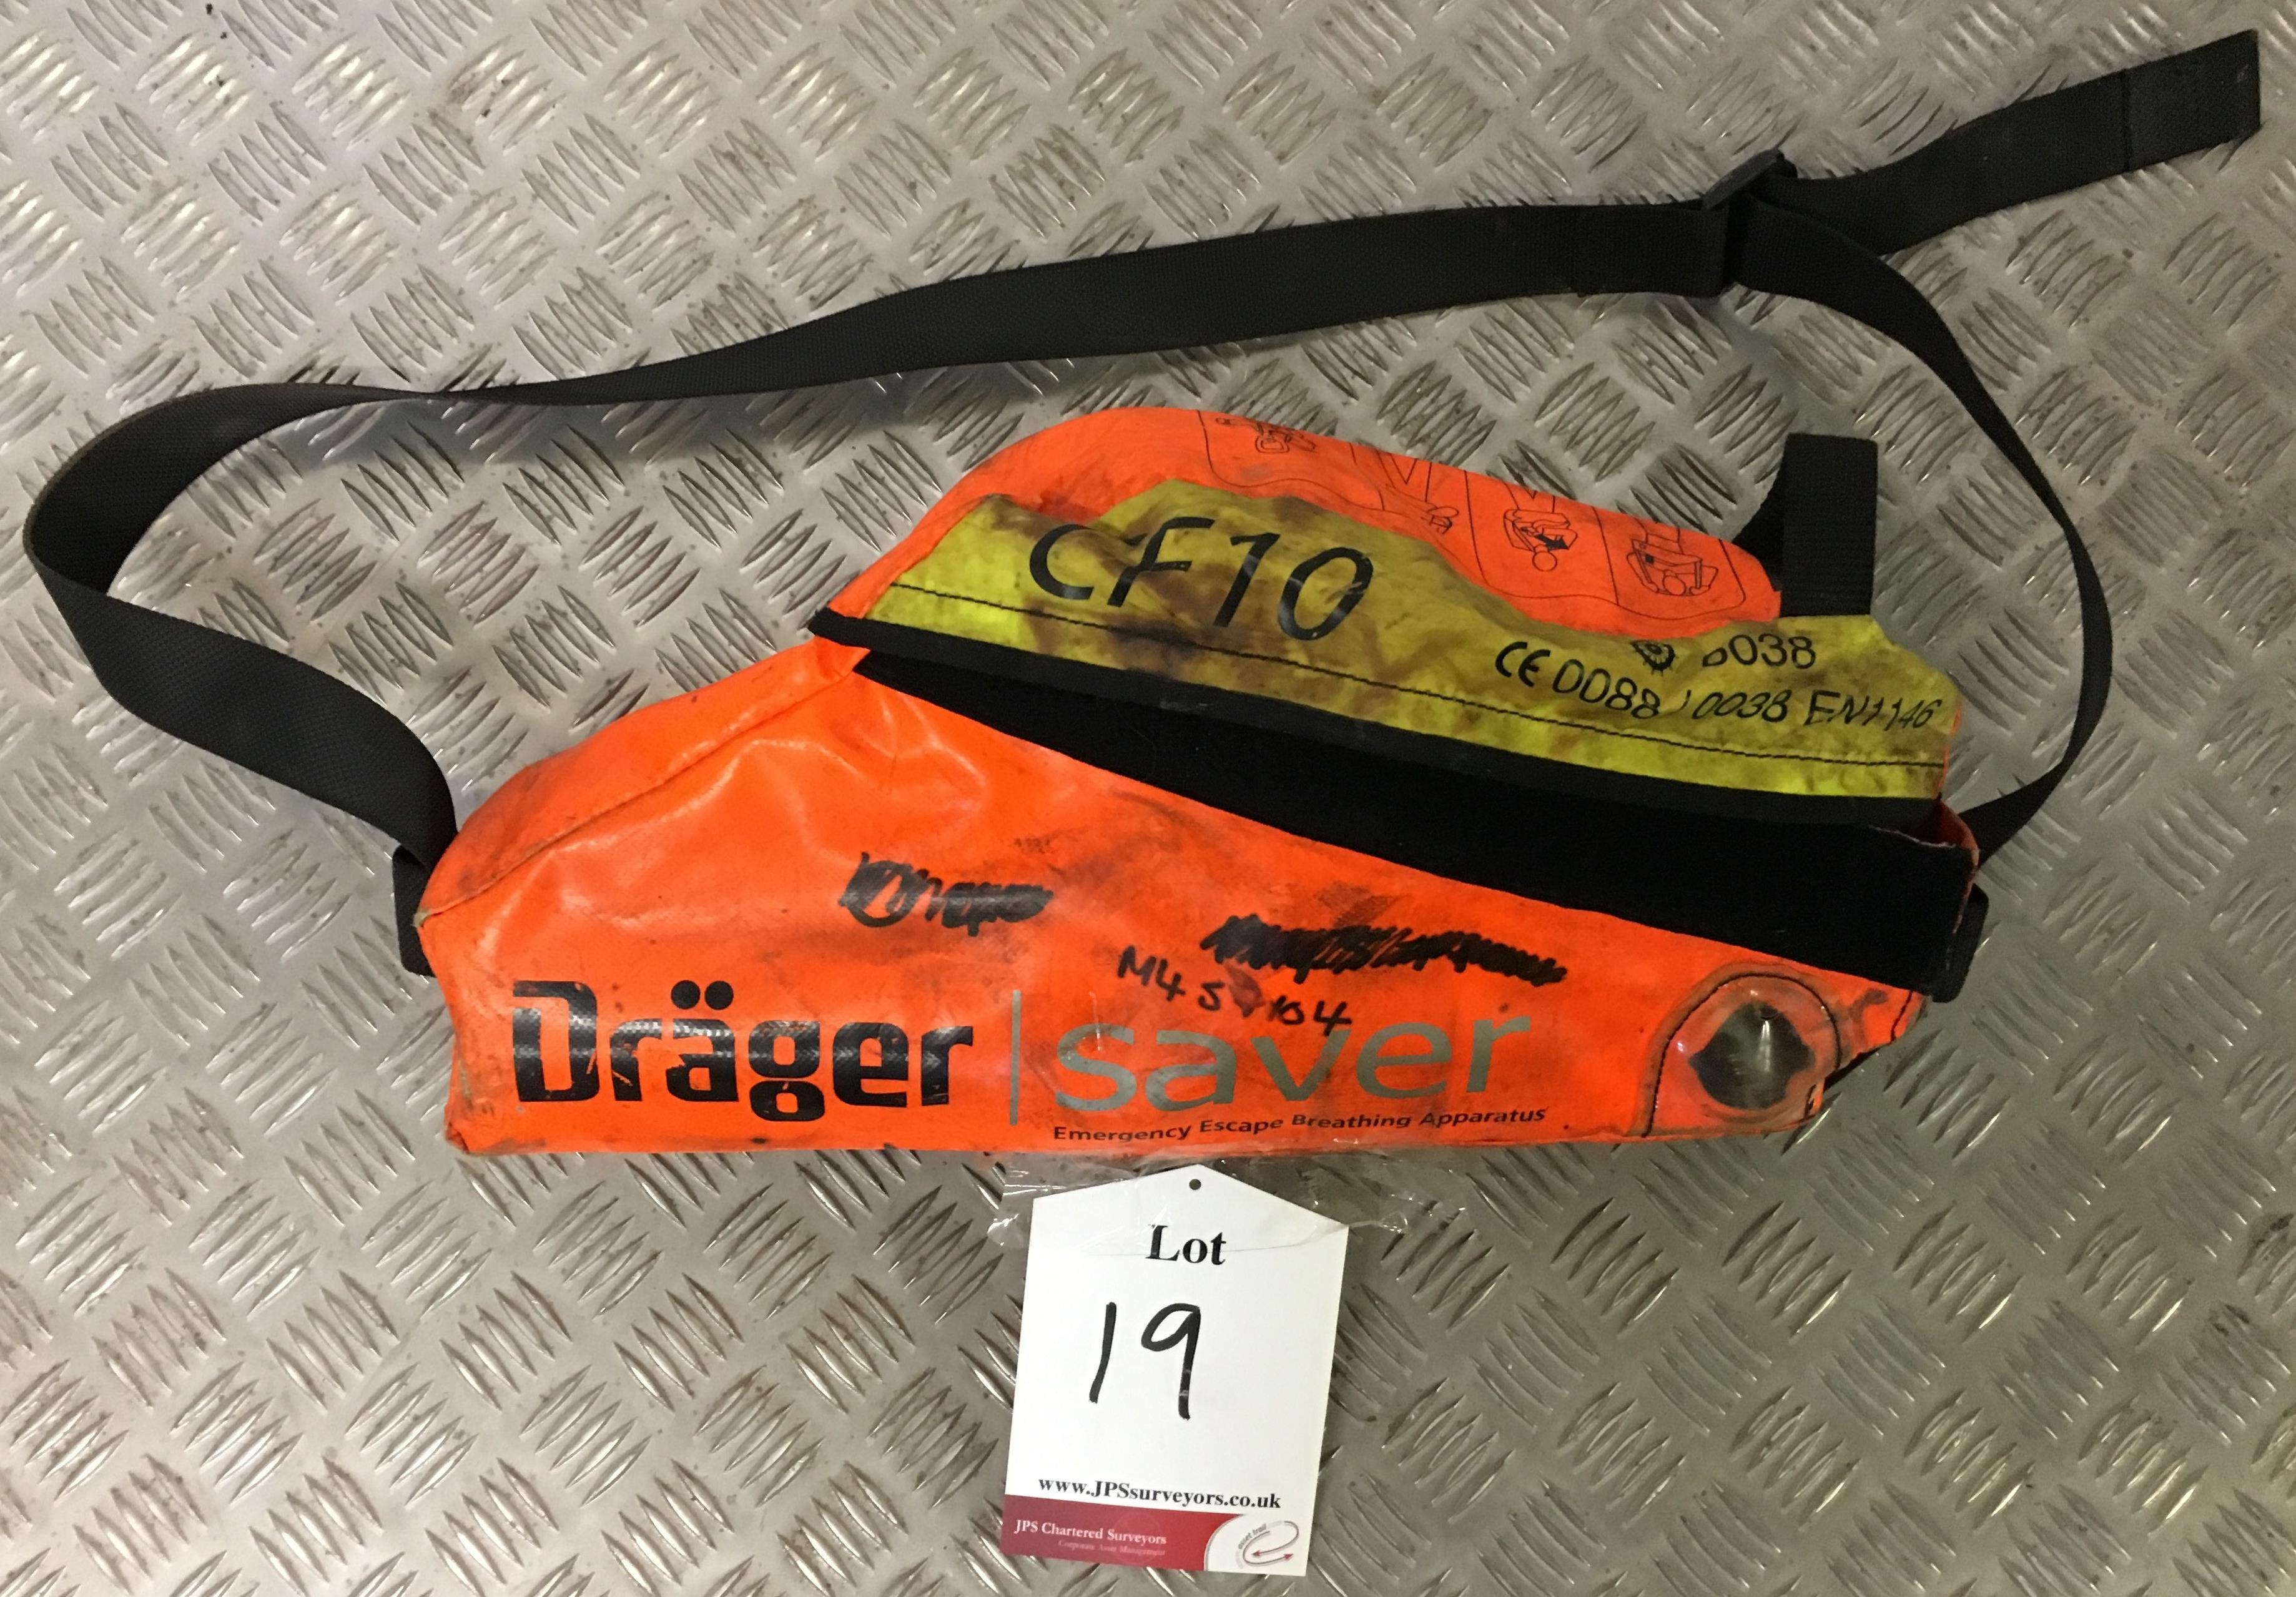 Lot 19 - Drager CF10 Escape Set